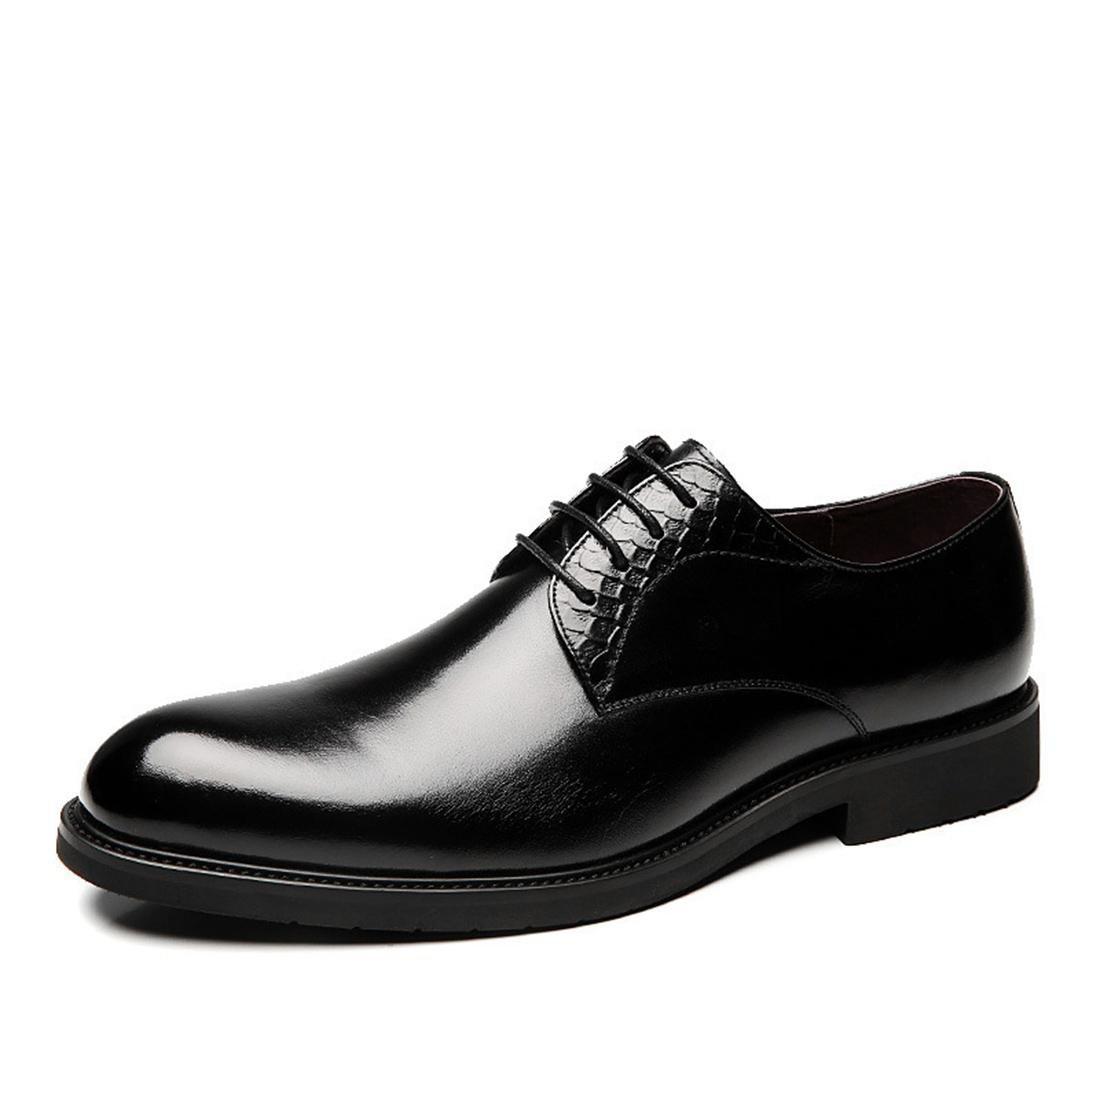 Herren Geschäft Spitz Lederschuhe Dicker Boden Werkzeugschuhe Flache Schuhe Formelle Kleidung Kuhfell EUR GRÖSSE 38-44